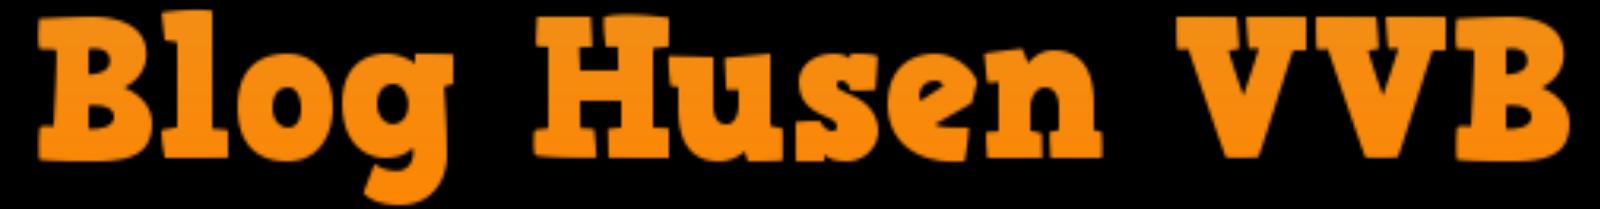 Blog Husen VVB